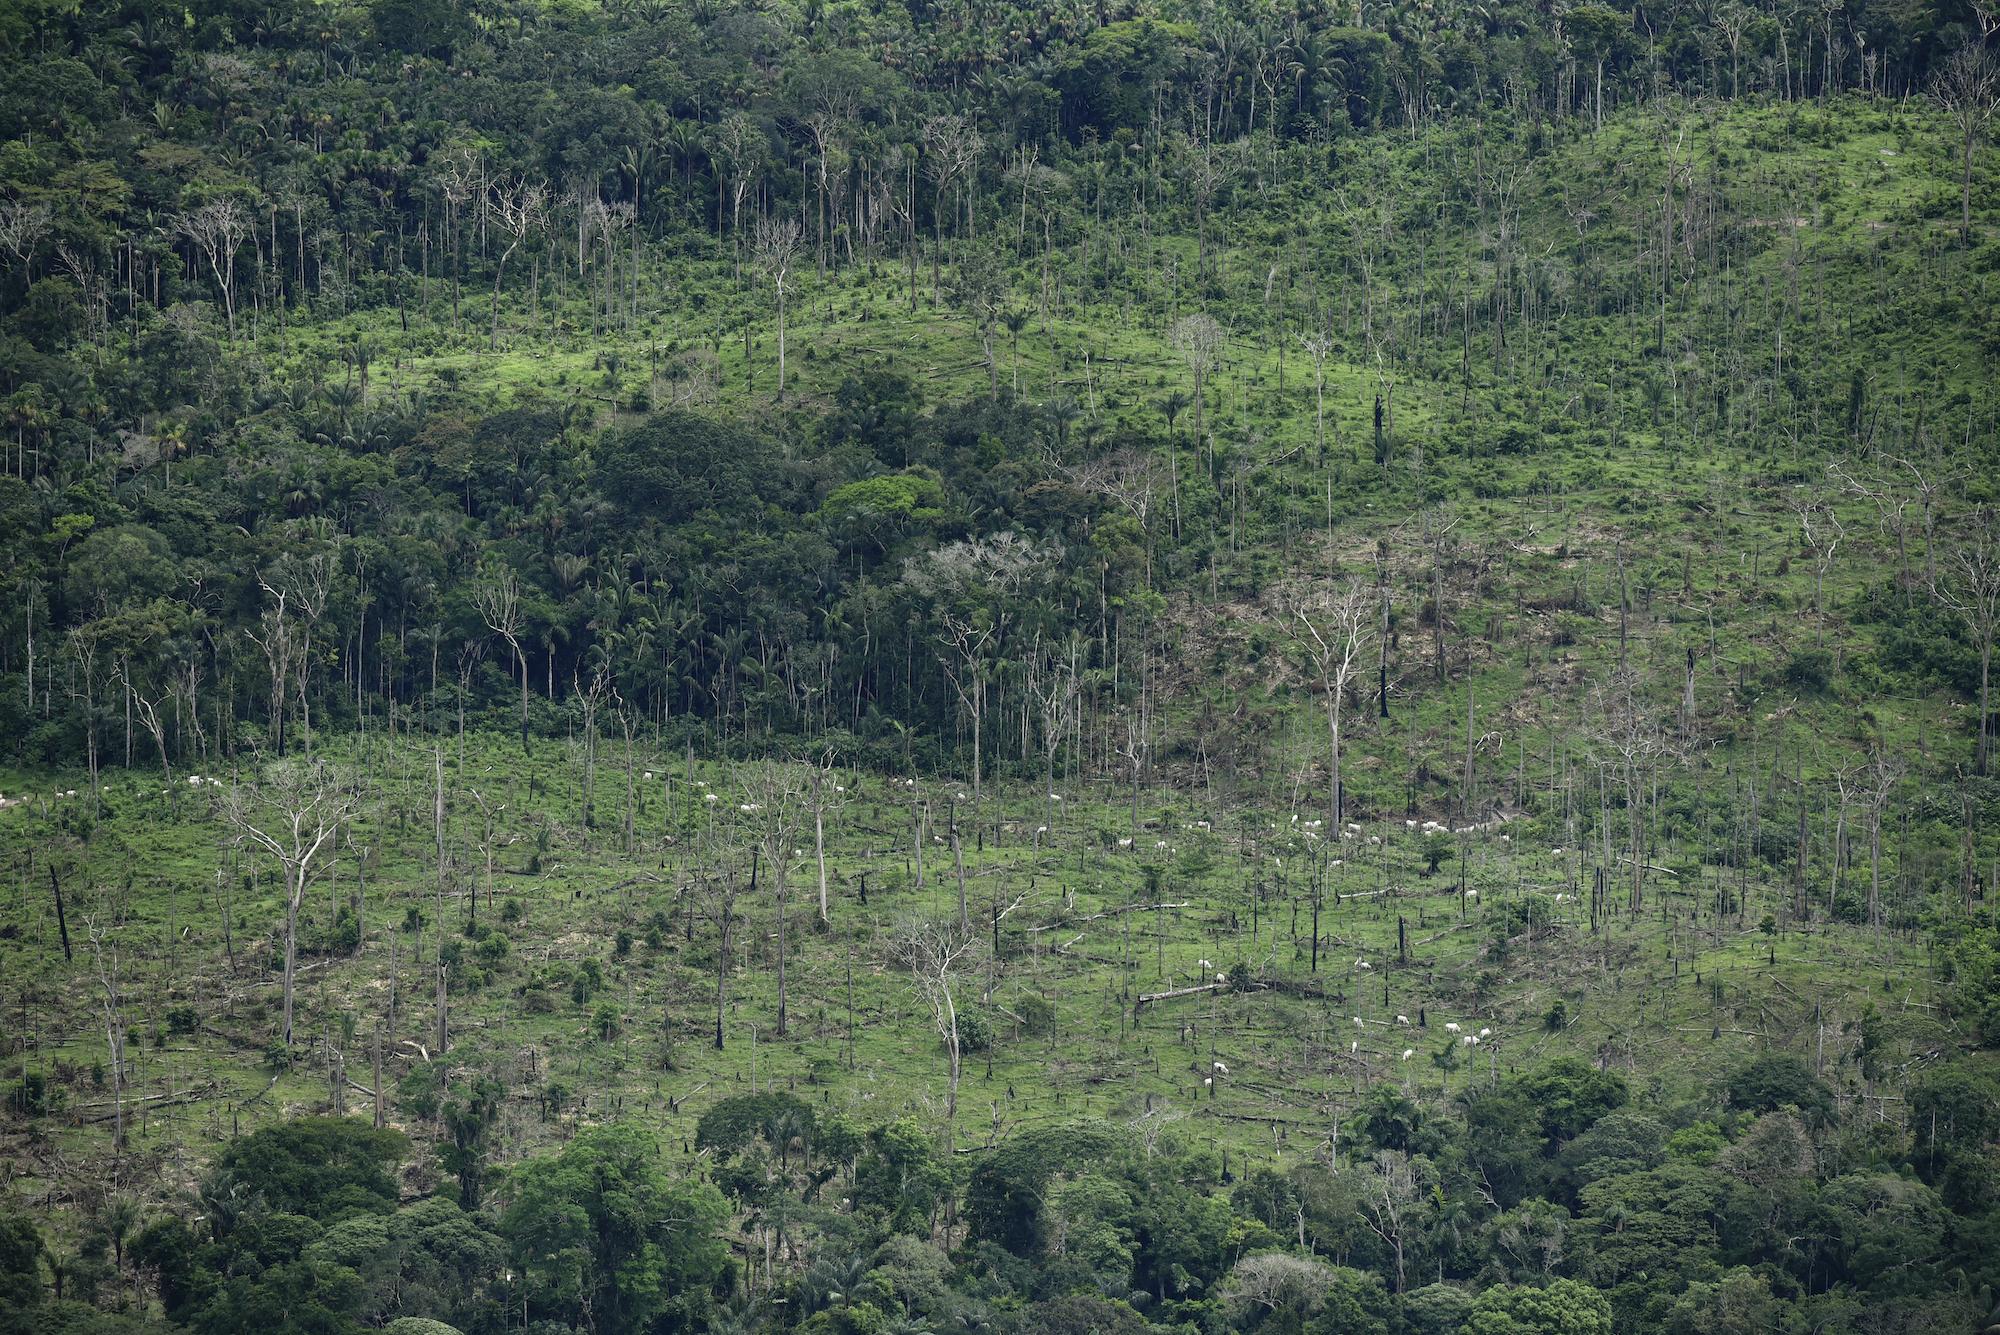 Sobrevuelo en zona deforestada en noroccidente del parque Chiribiquete. Se divisan las vacas en las pasturas. Foto: EIA.